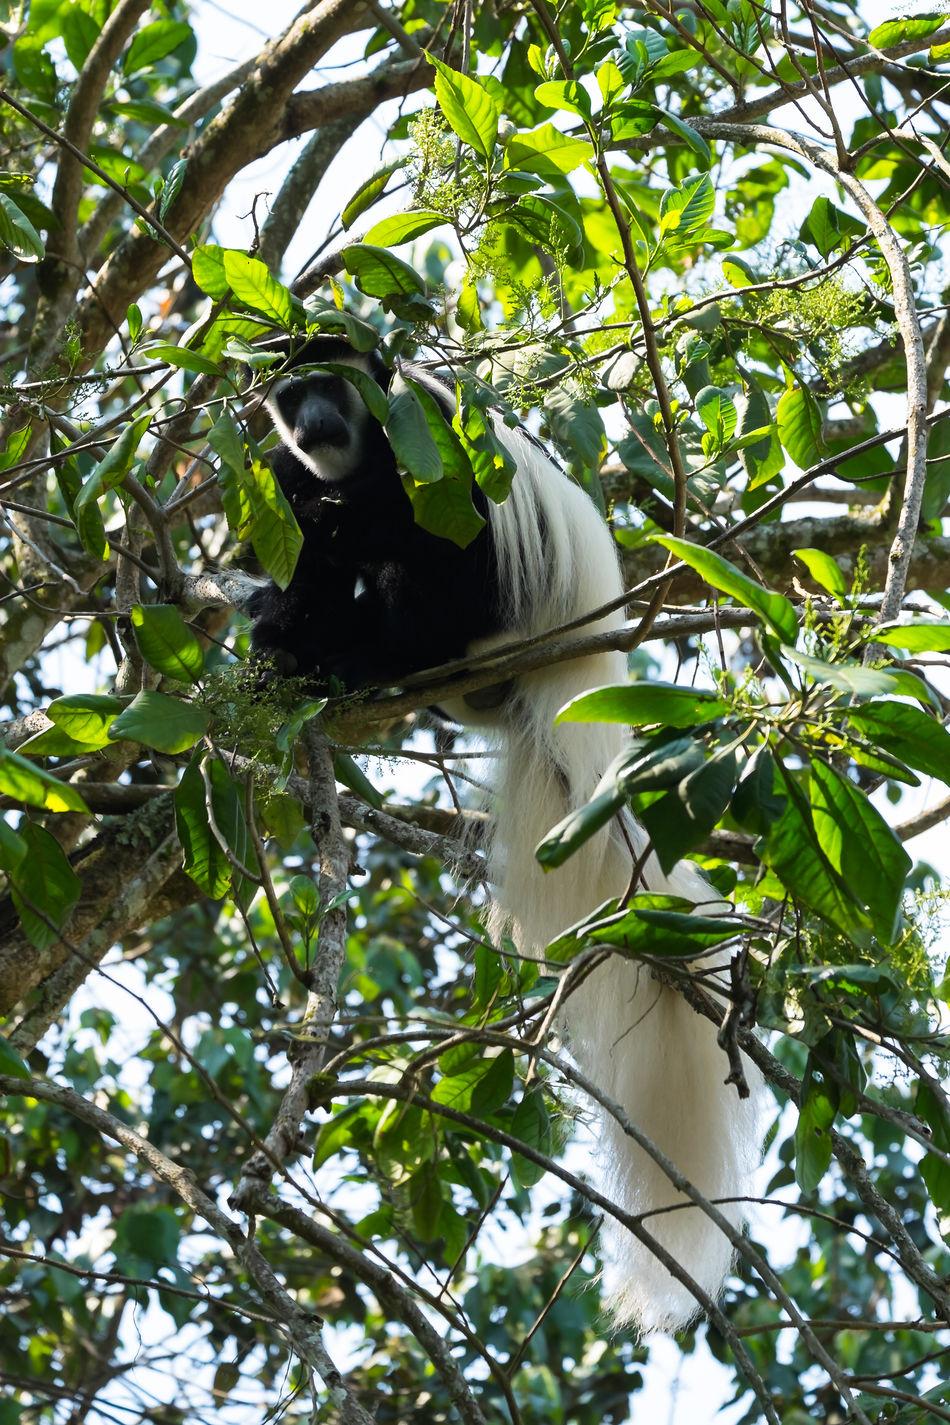 Black And White Colobus Monkey Monkeys Stummelaffe Affe Affen EyeEmNewHere FUJIFILM X-T1 Tansania Kilimanjaro Tanzania Animals In The Wild Animal Wildlife Mount Kilimanjaro